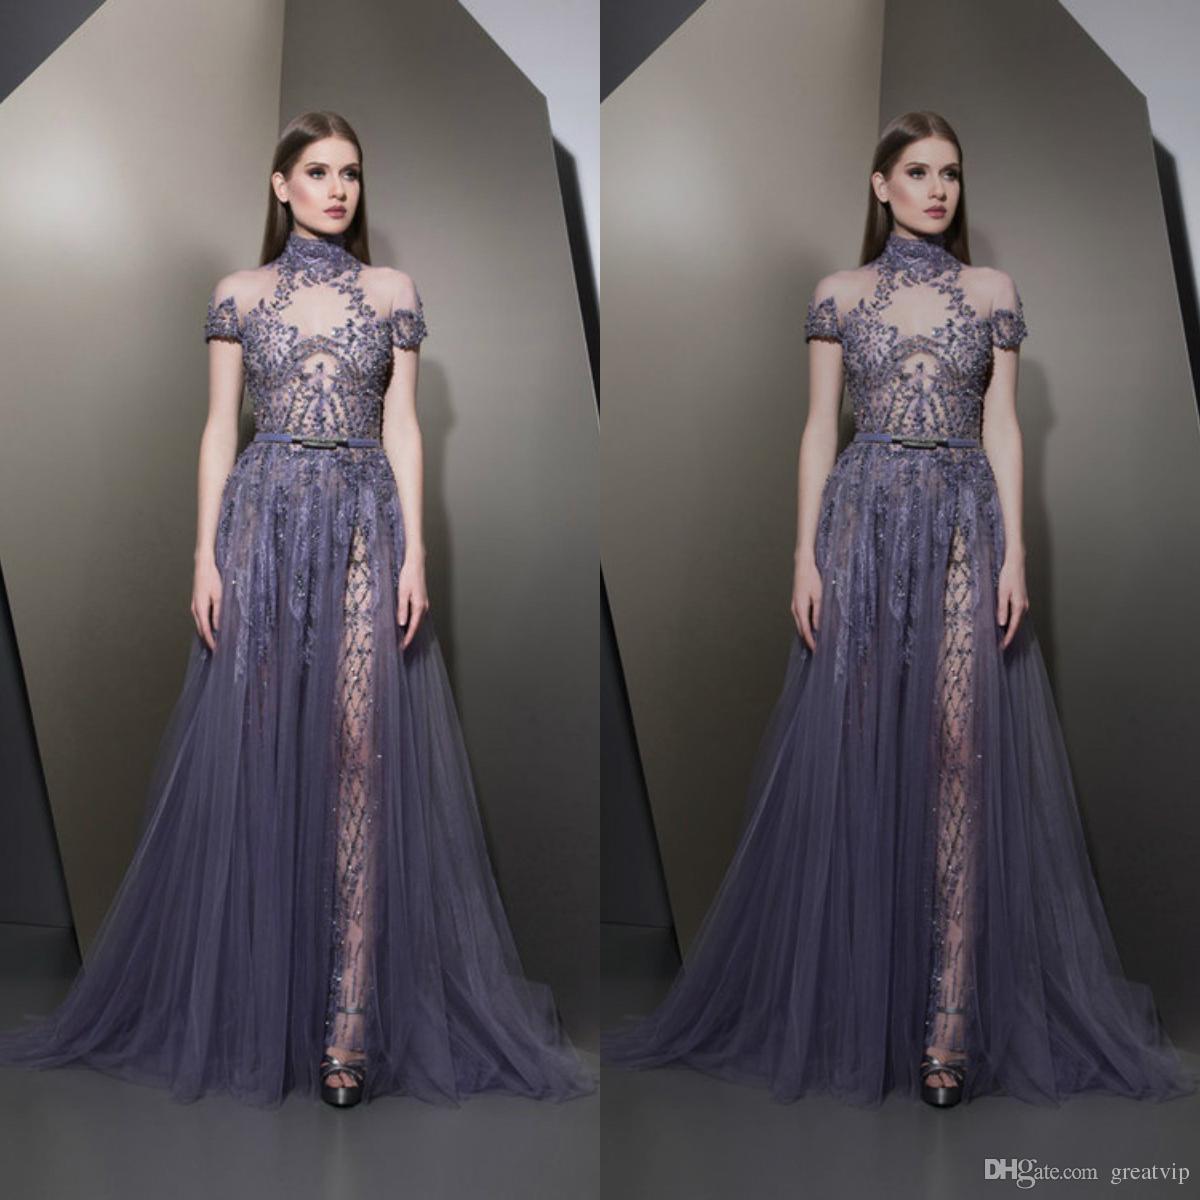 자파드 Nakad의 매력 보라색 이브닝 드레스 높은 목 구슬 쪼개지는 파티 드레스 플러스 크기 럭셔리 파티 드레스 맞춤형 가운 드 Soirée